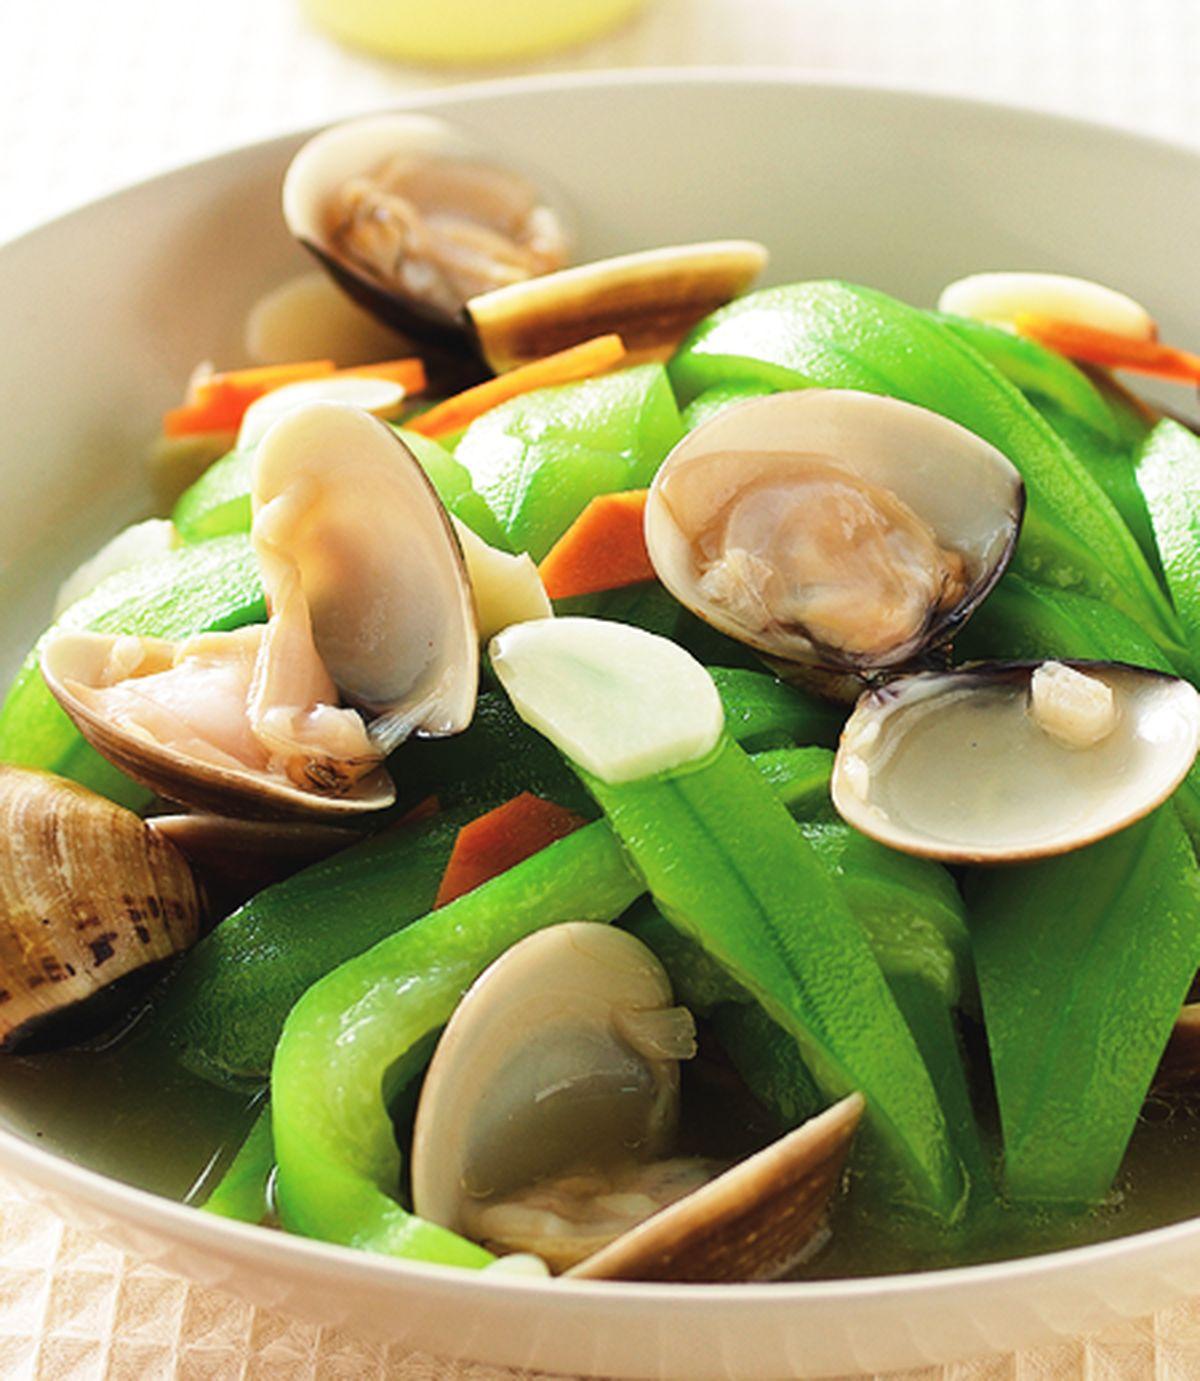 食譜:絲瓜炒蛤蜊